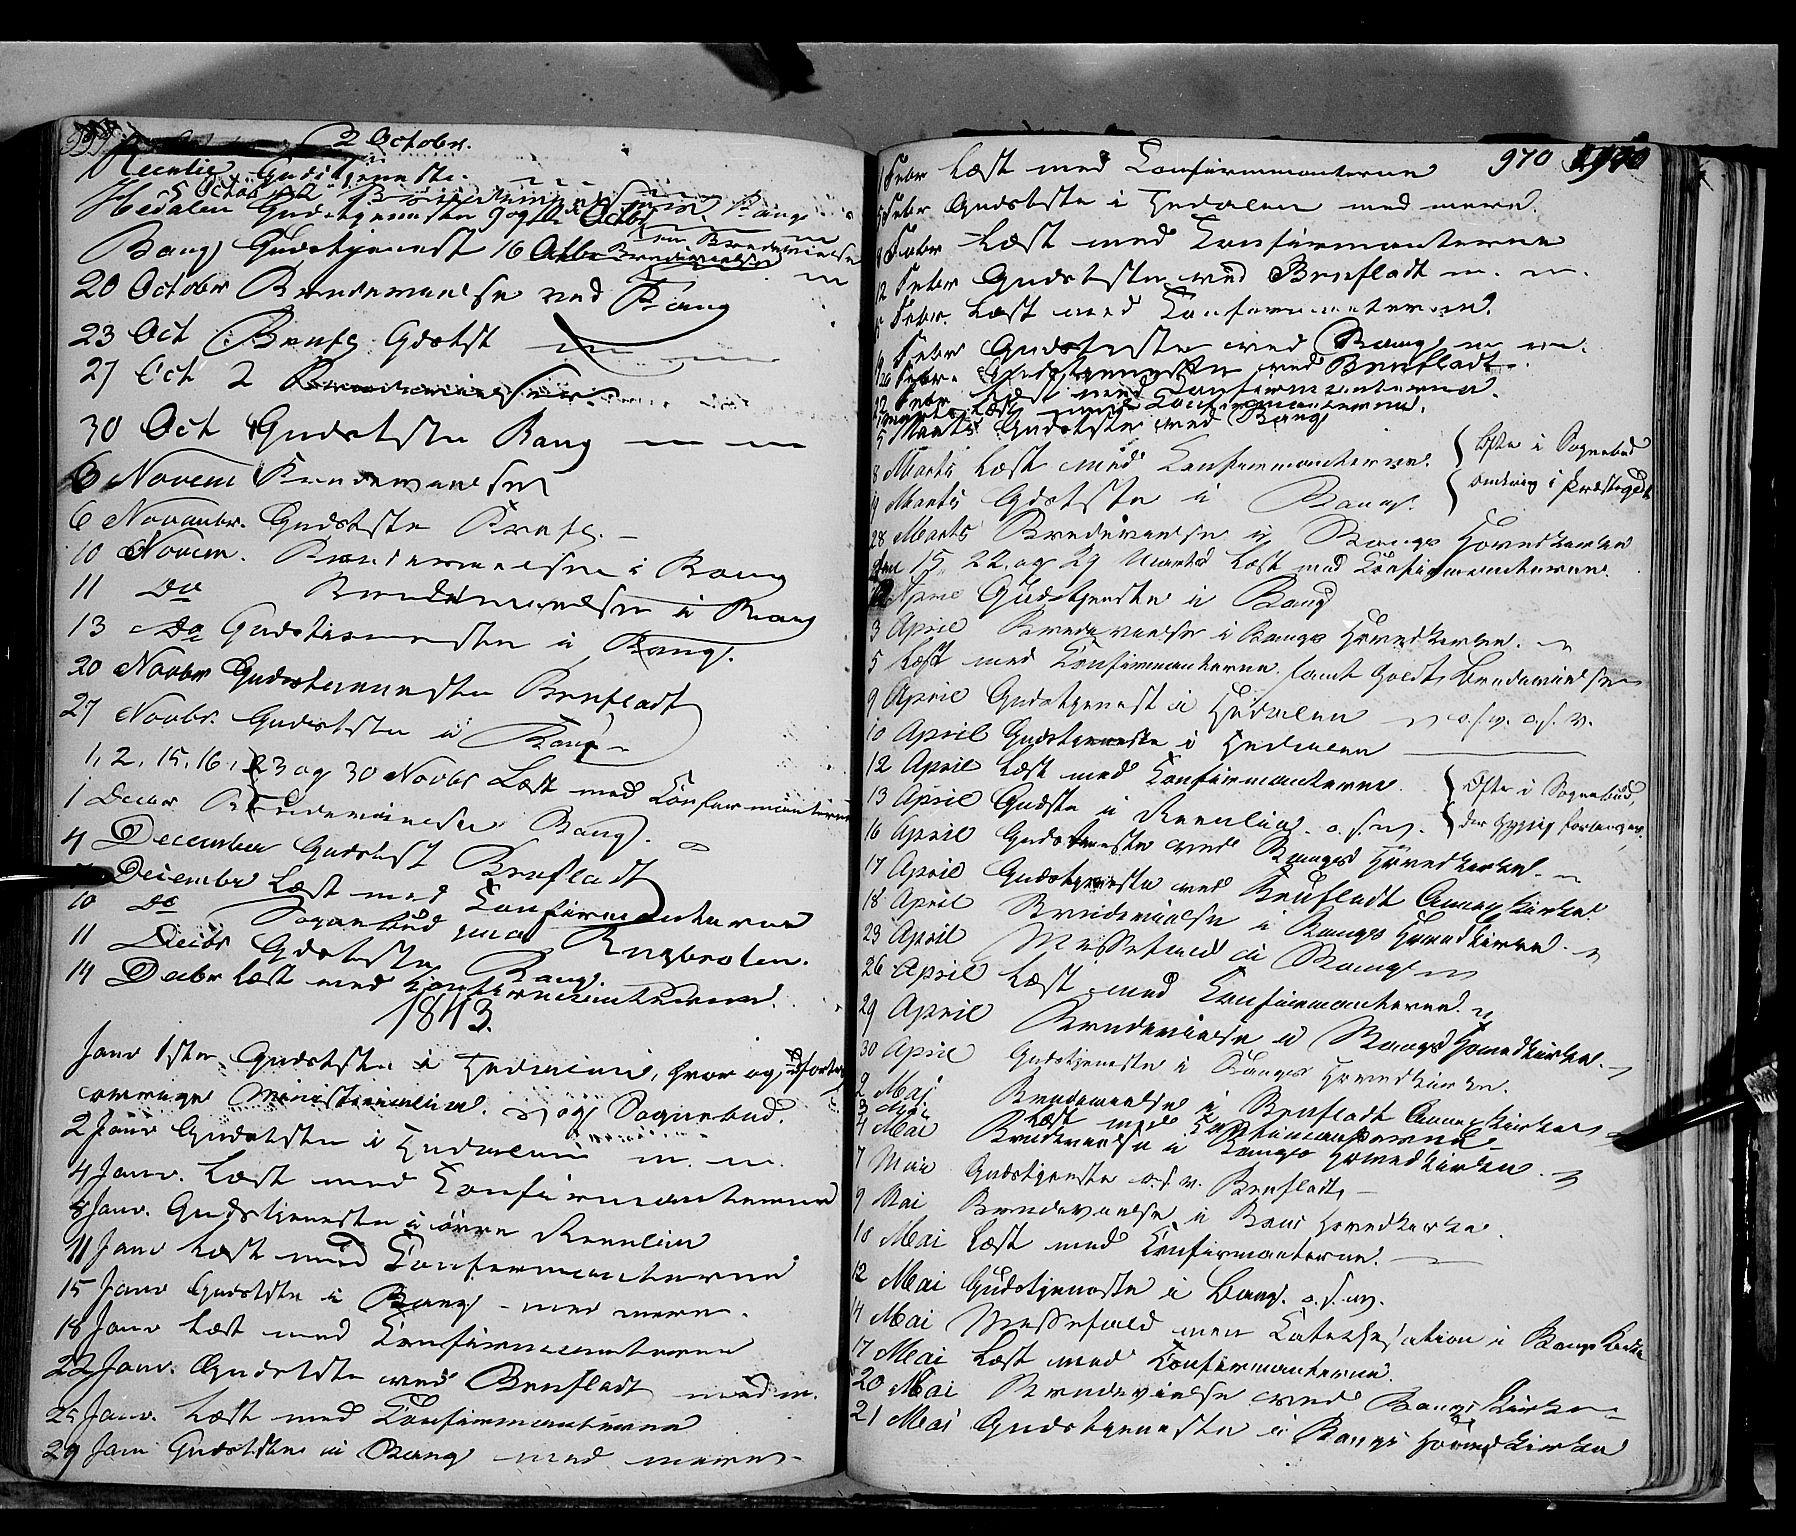 SAH, Sør-Aurdal prestekontor, Ministerialbok nr. 4, 1841-1849, s. 969-970